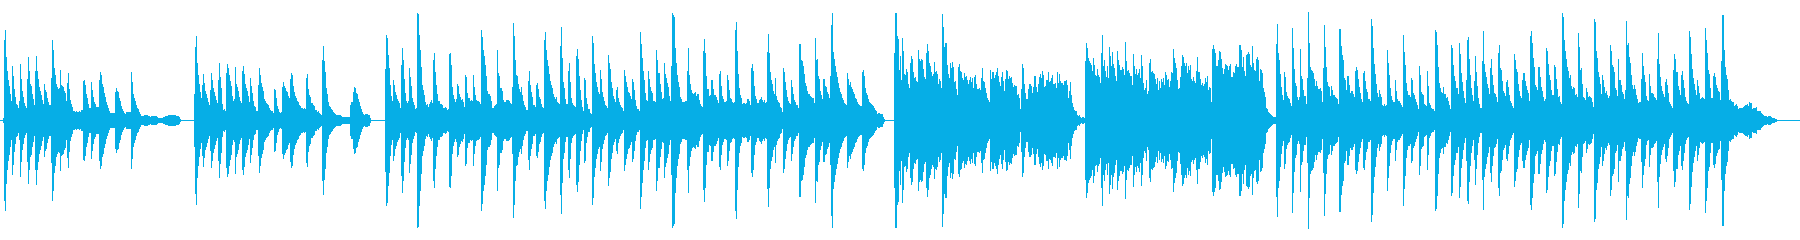 シンプルピアノ曲ホッと一息シトシト雨降りの再生済みの波形